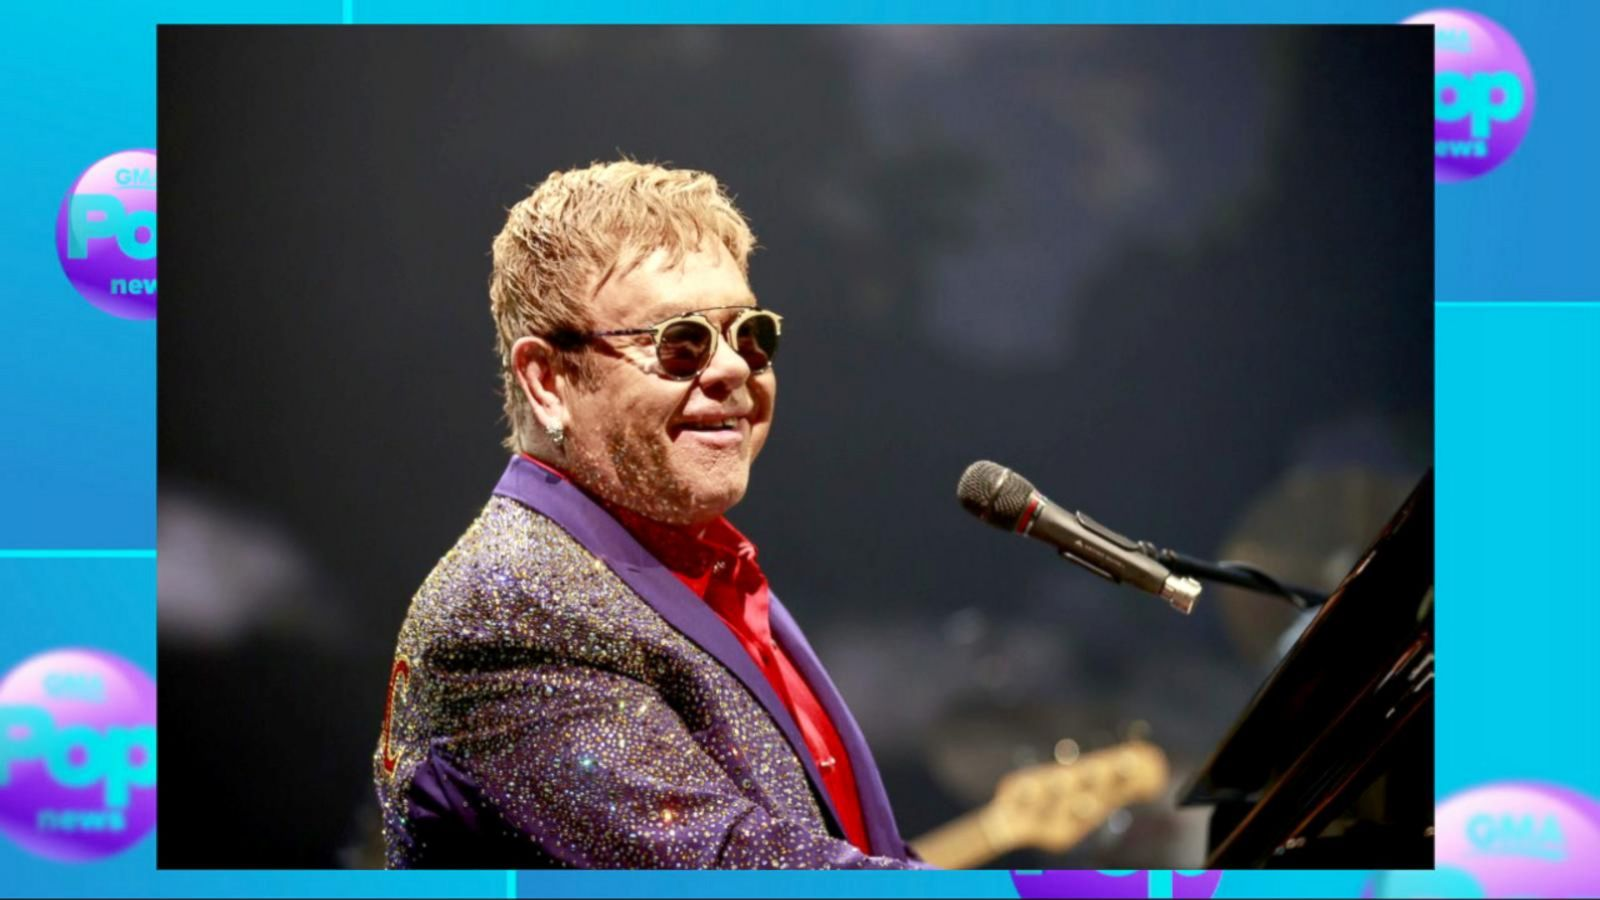 VIDEO: Elton John Dispels Retirement Rumors on Instagram